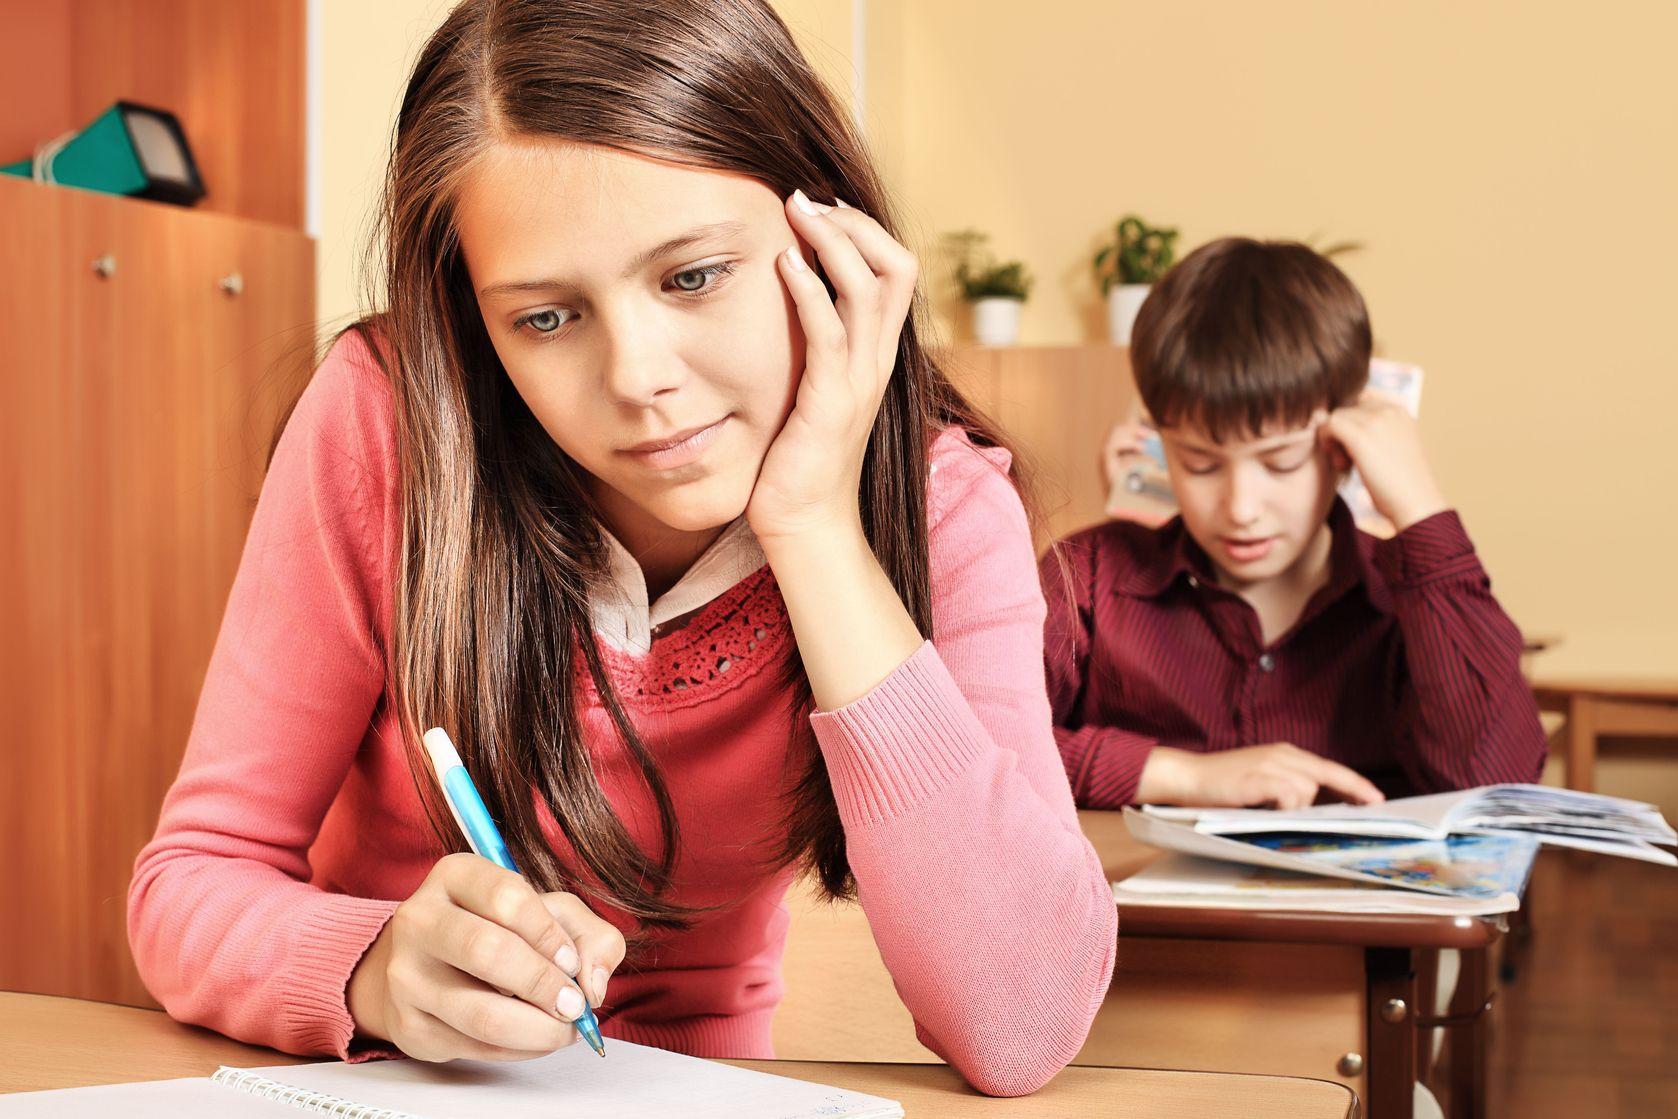 Öğrenciler Nasıl Motive Olur? – Proje Tabanlı Öğrenme, İLK EVİN - Özel Eğitim ve Rehabilitasyon Merkezi